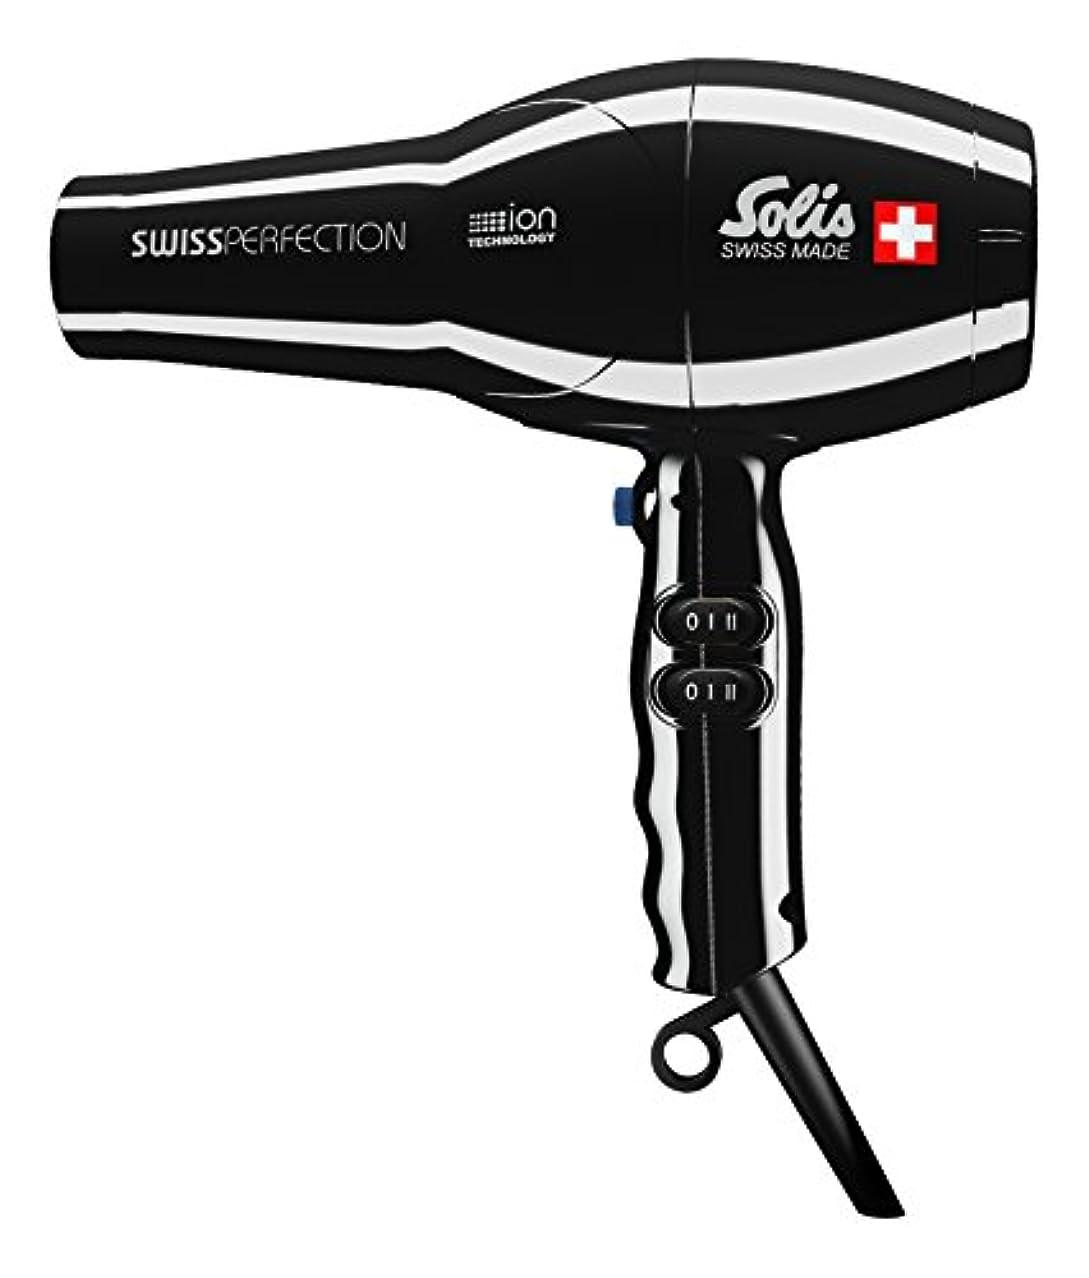 兵士宮殿アイデアソリスプロフェッショナル仕様ドライヤー、温風温度77℃で髪にやさしい、イオンテクノロジー、スイスパーフェクション (SD440B)、黒